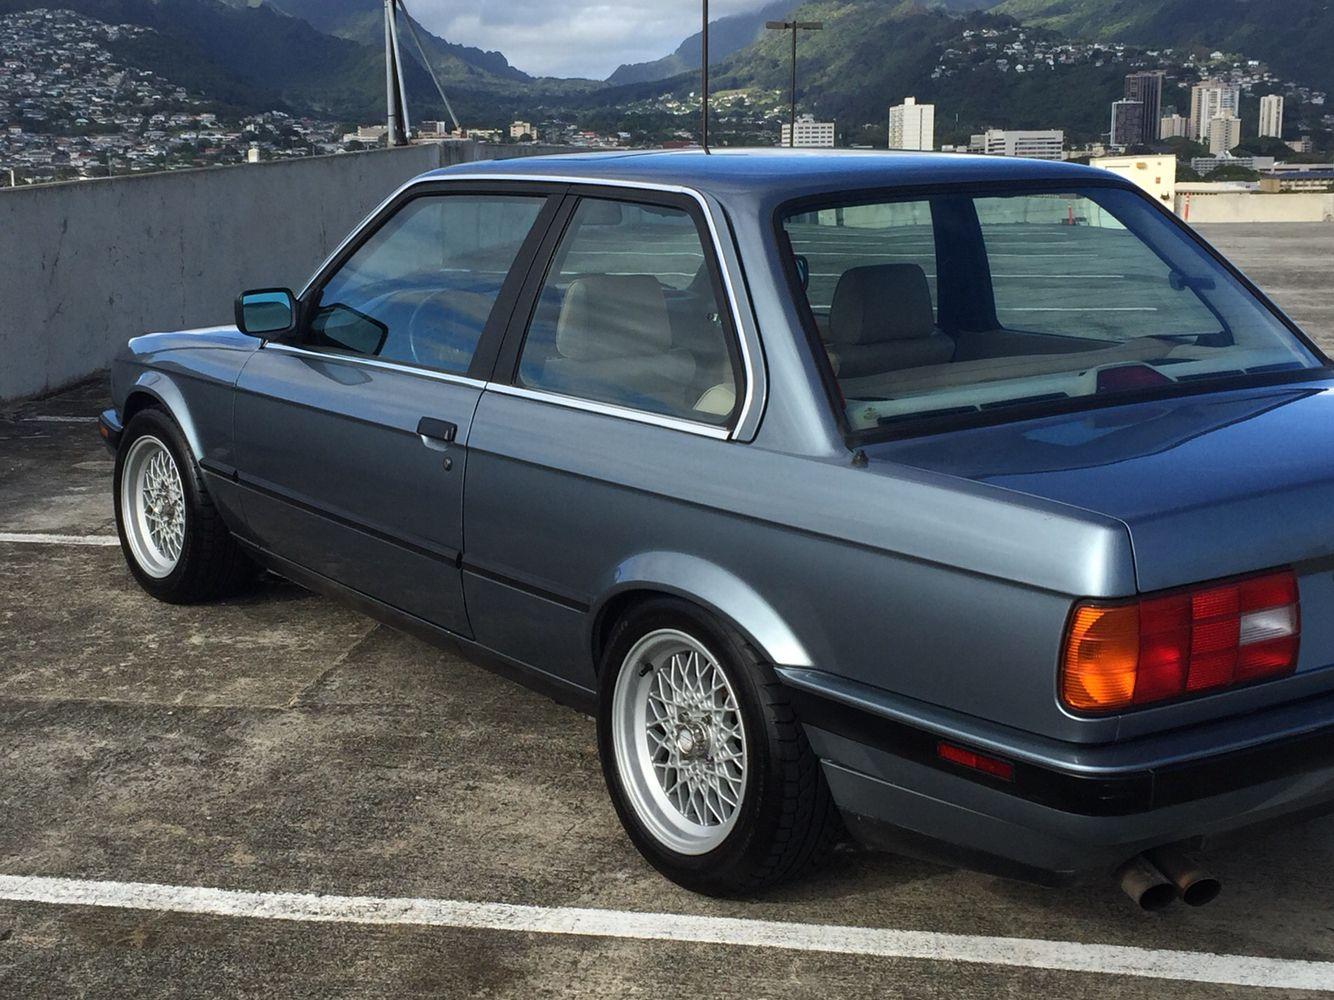 89 E30 Bmw 325i On 15x7 Bbs Mahle Bmw E30 Bmw E30 Coupe